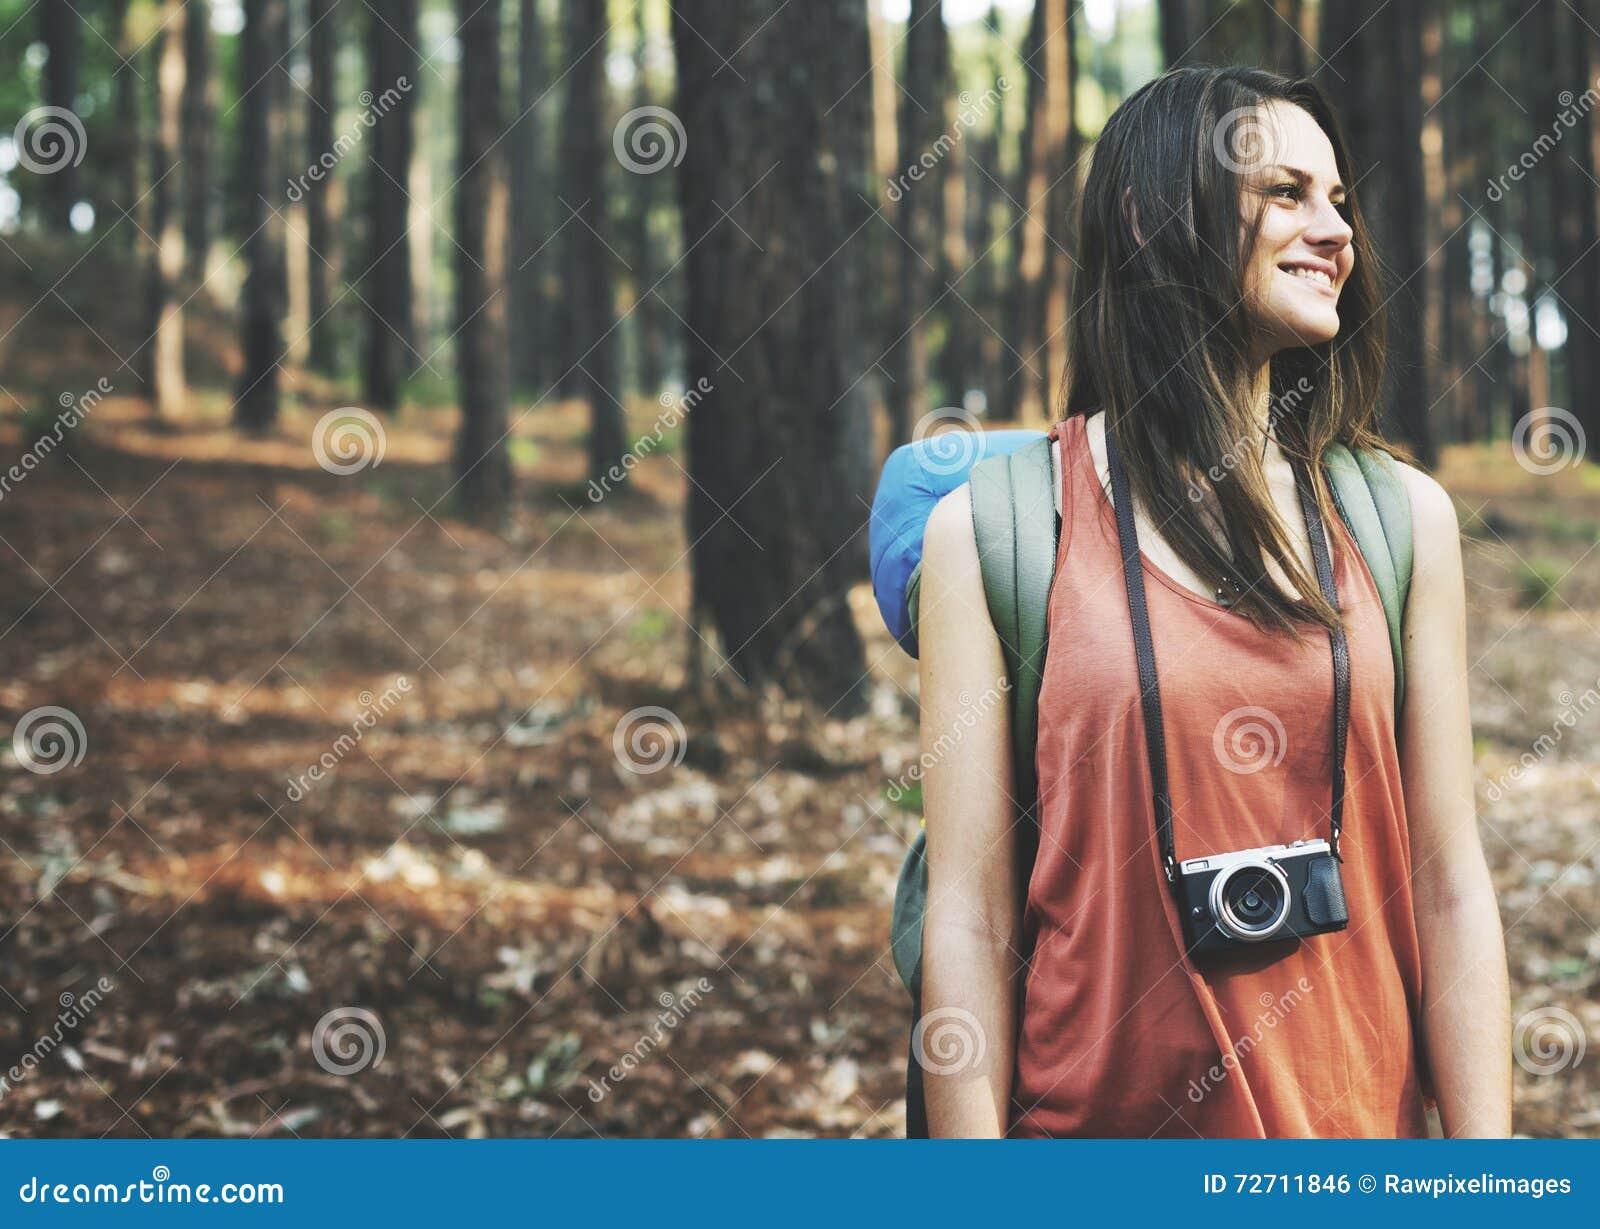 野营的背包徒步旅行者摄影师照相机冒险概念